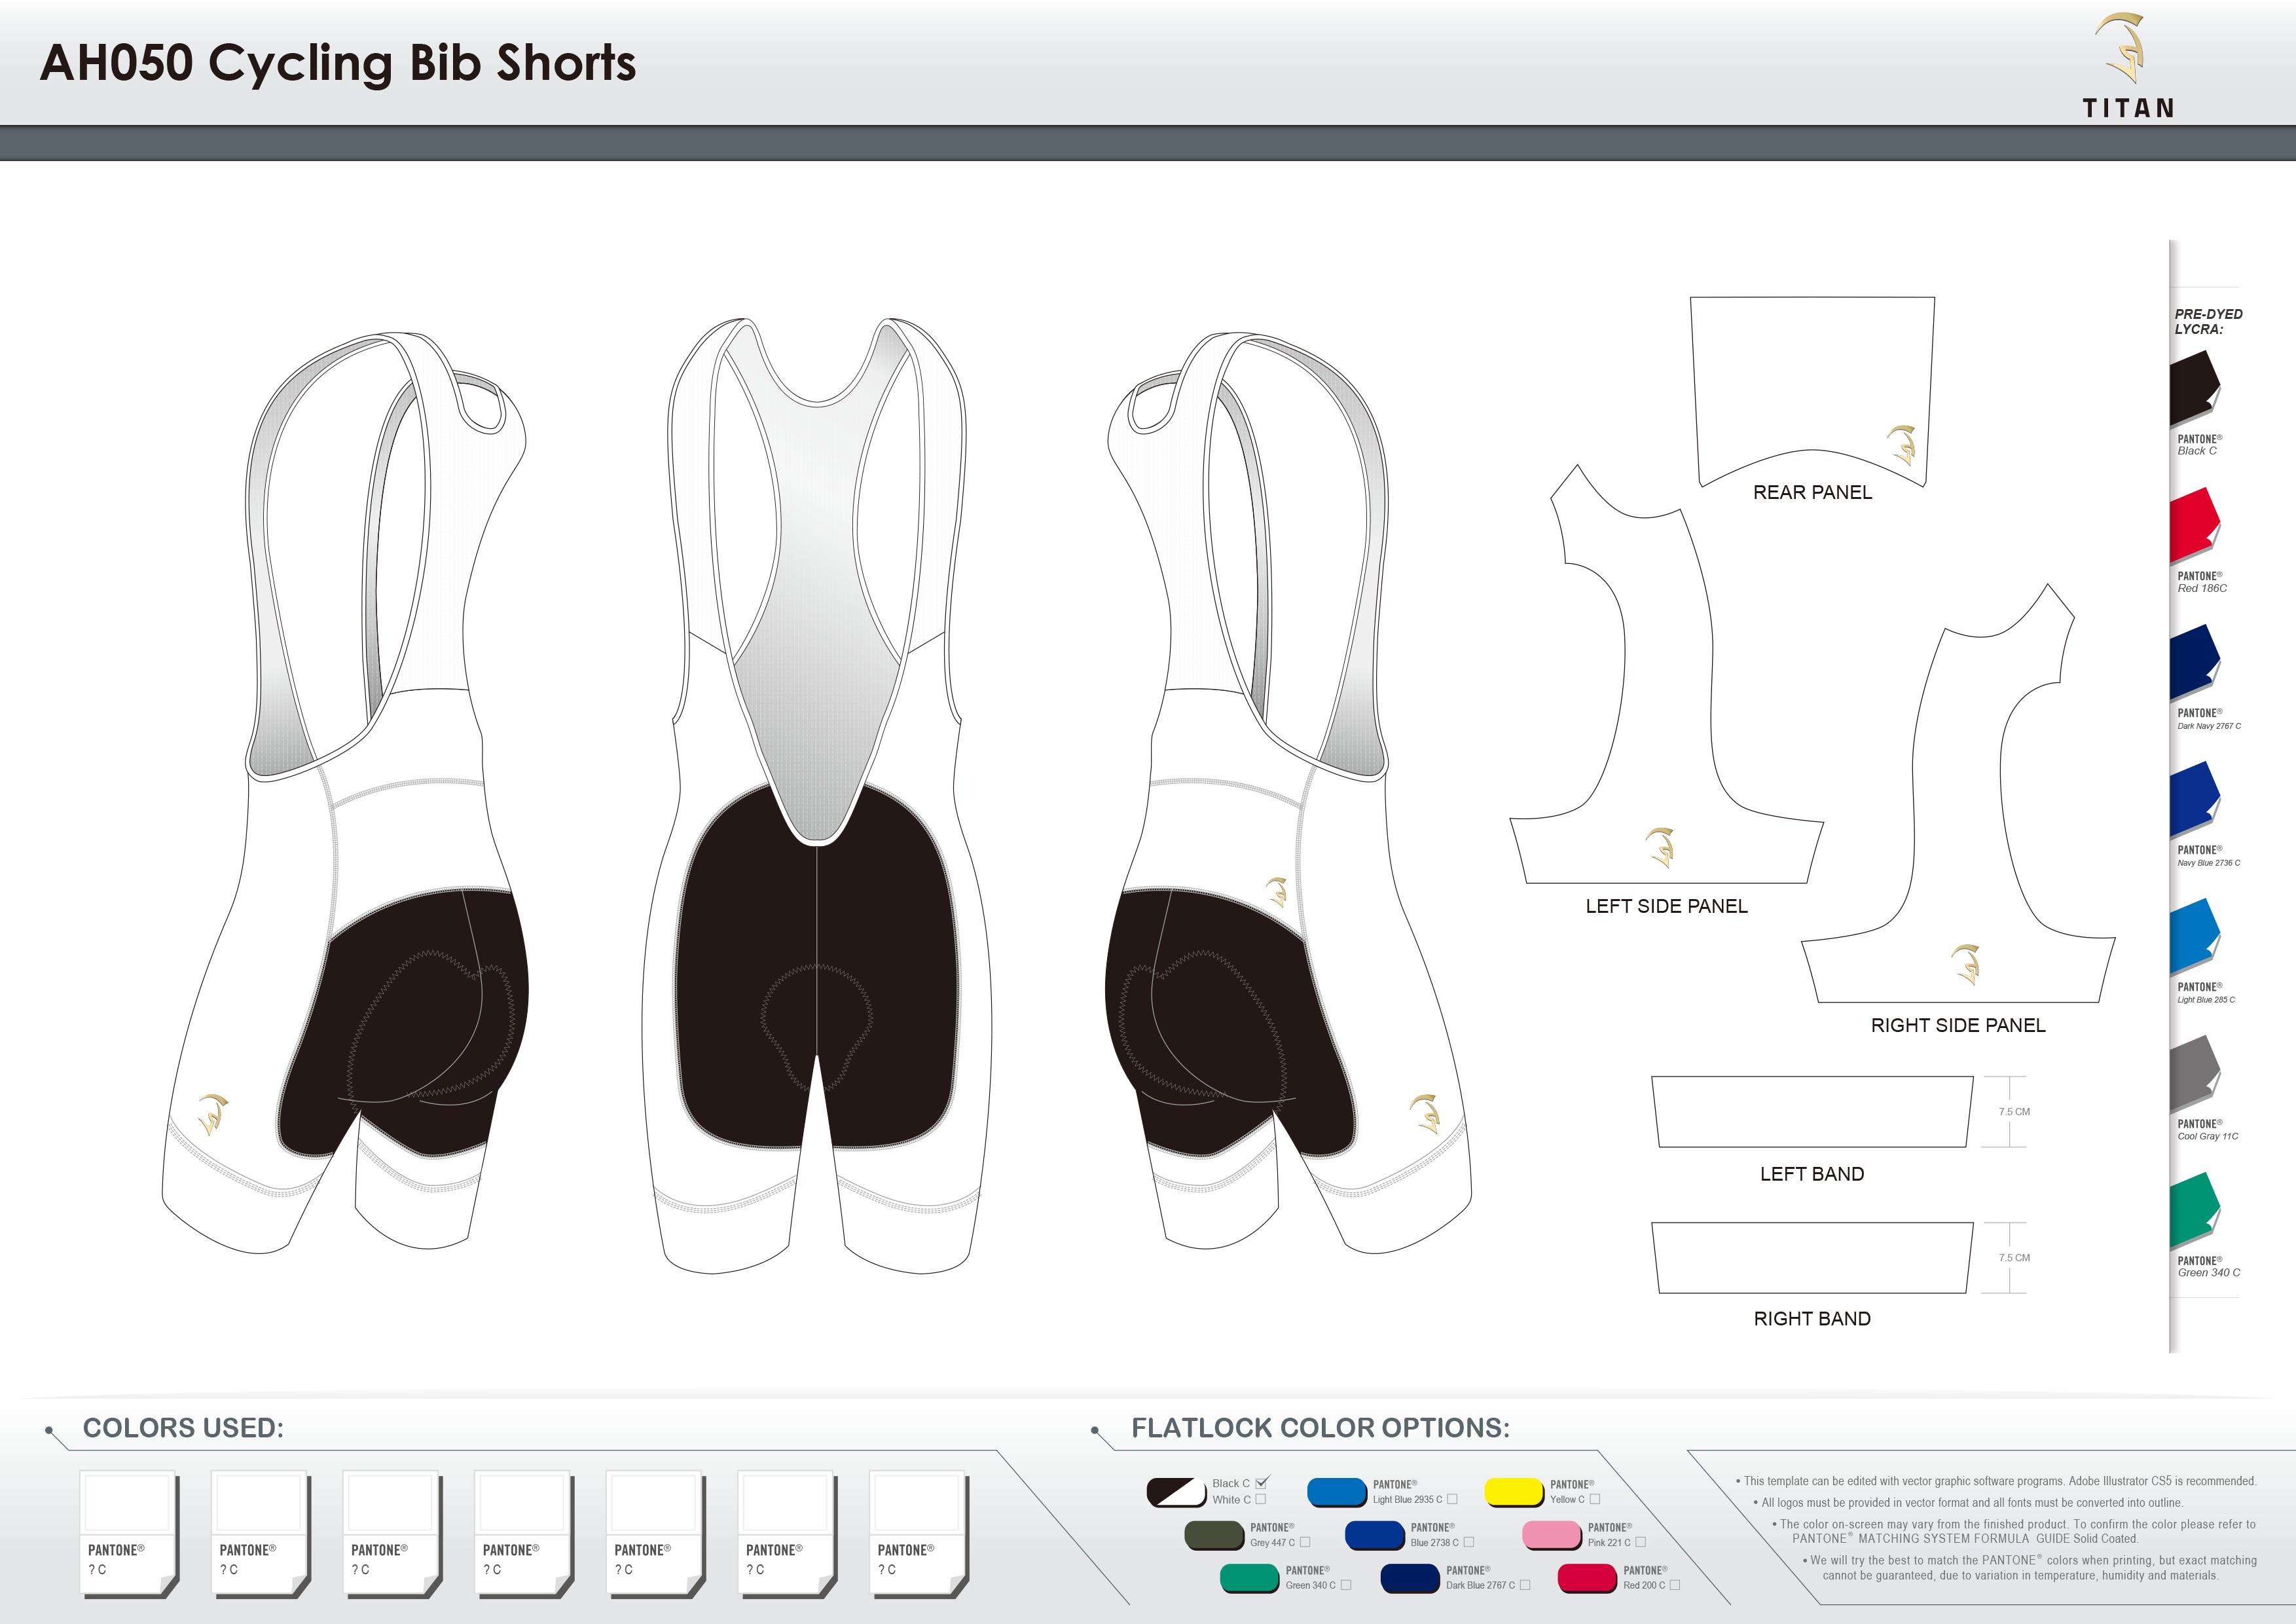 AH050 Cycling Bib Shorts